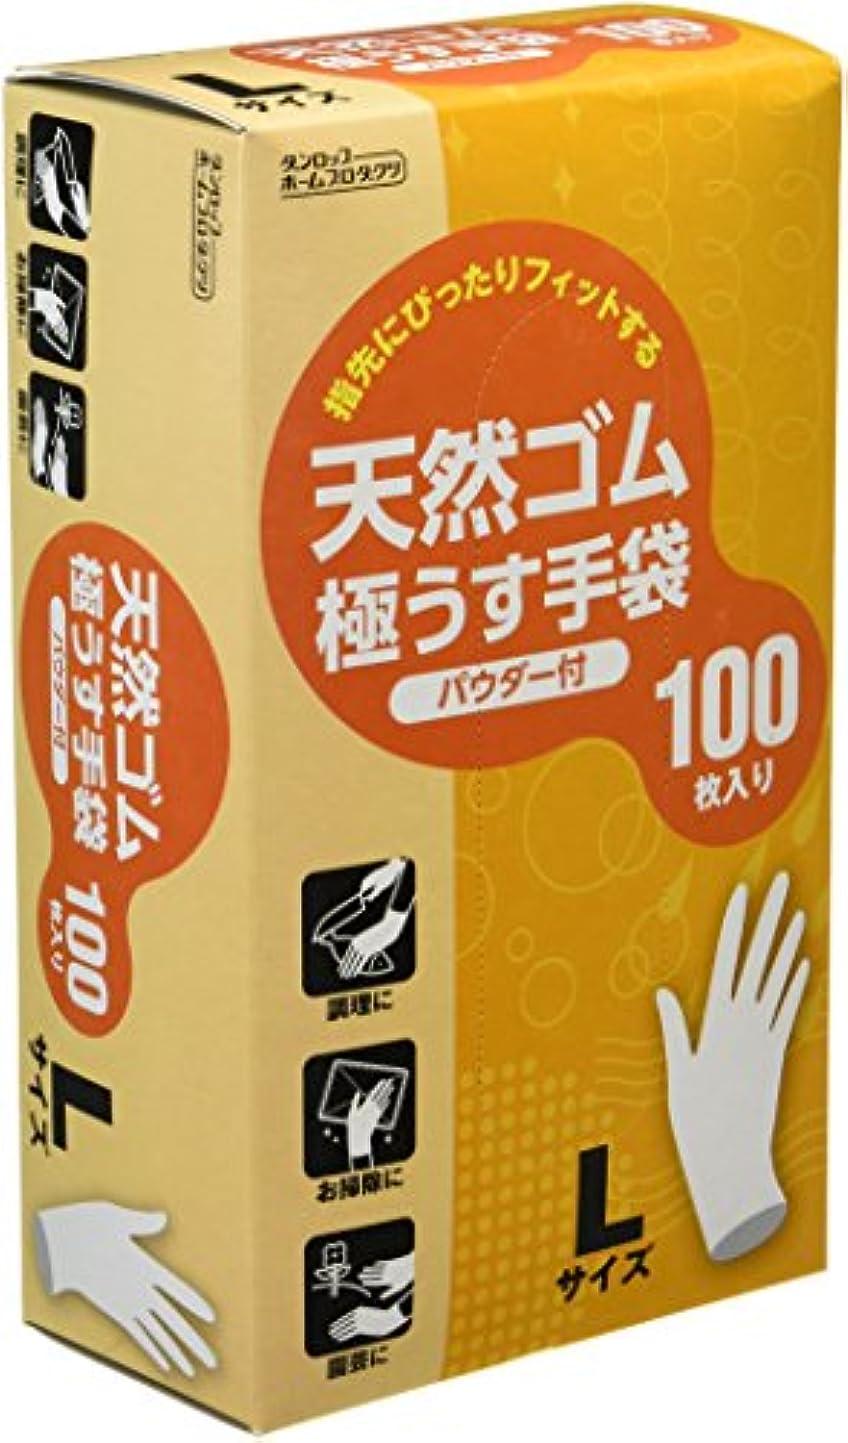 バイソンピンポイント対話ダンロップ 天然ゴム極うす手袋 パウダー付 Lサイズ 100枚入